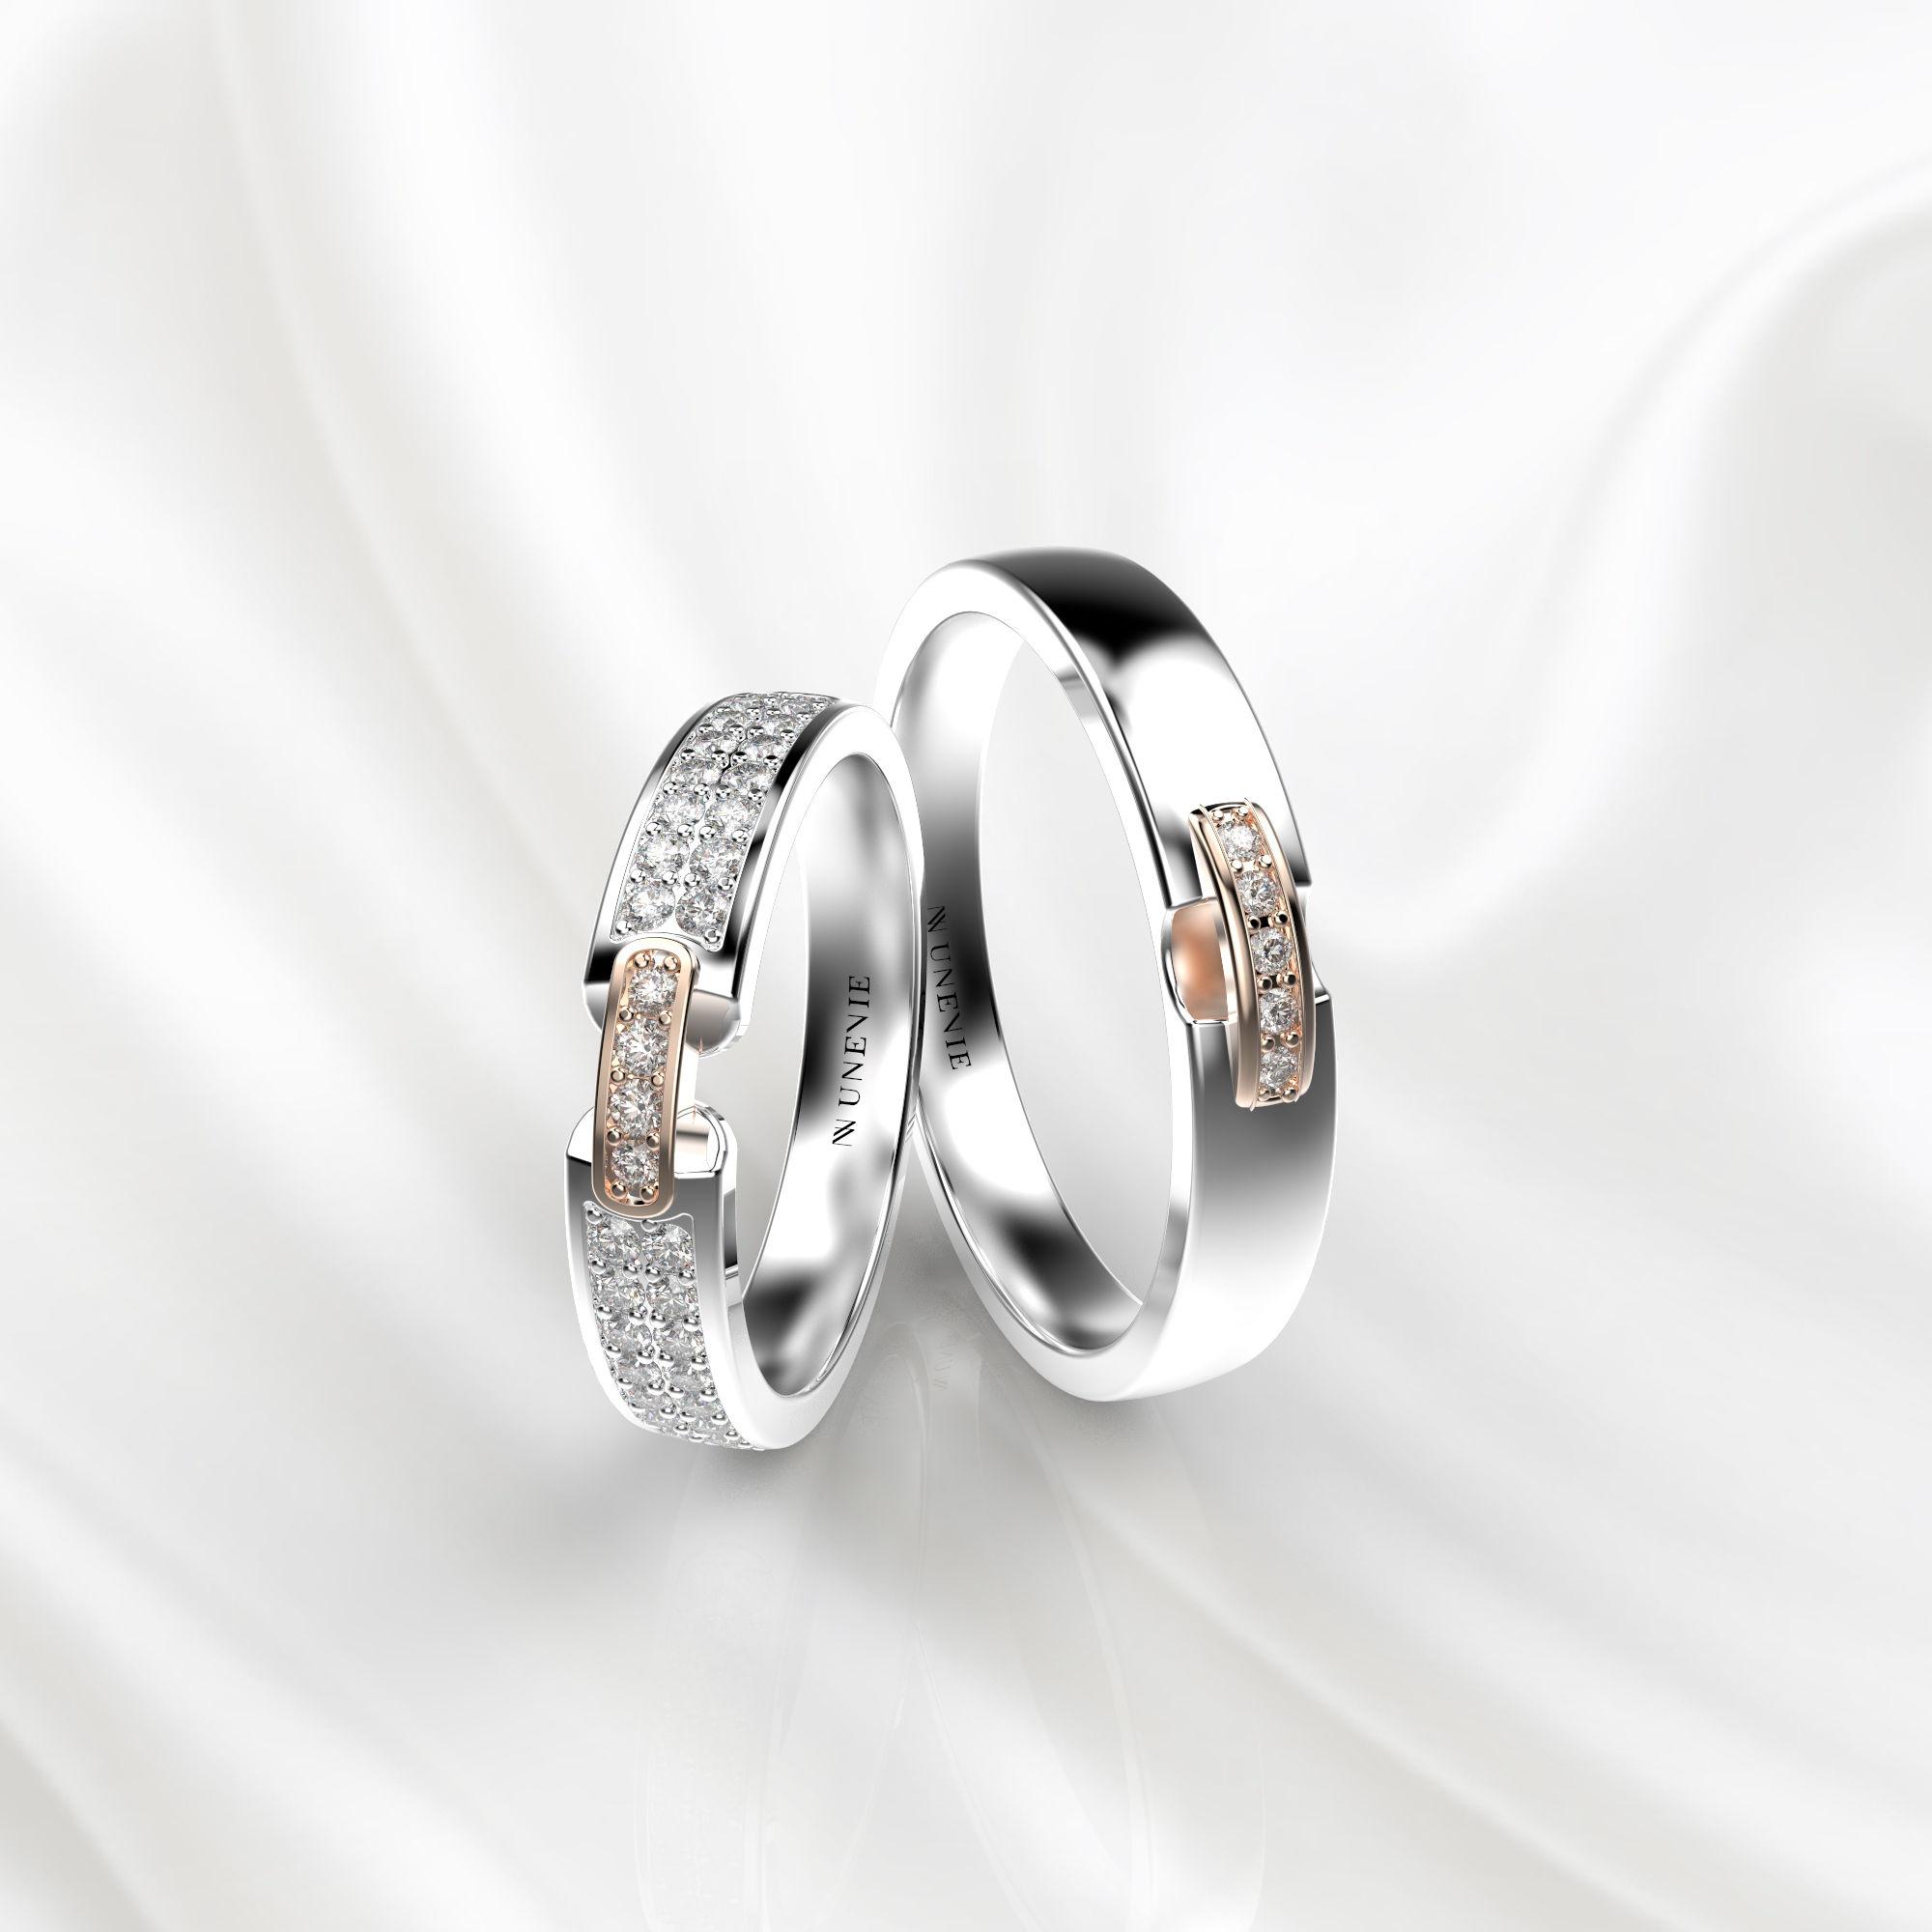 NV66 Парные обручальные кольца из бело-розового золота с бриллиантами